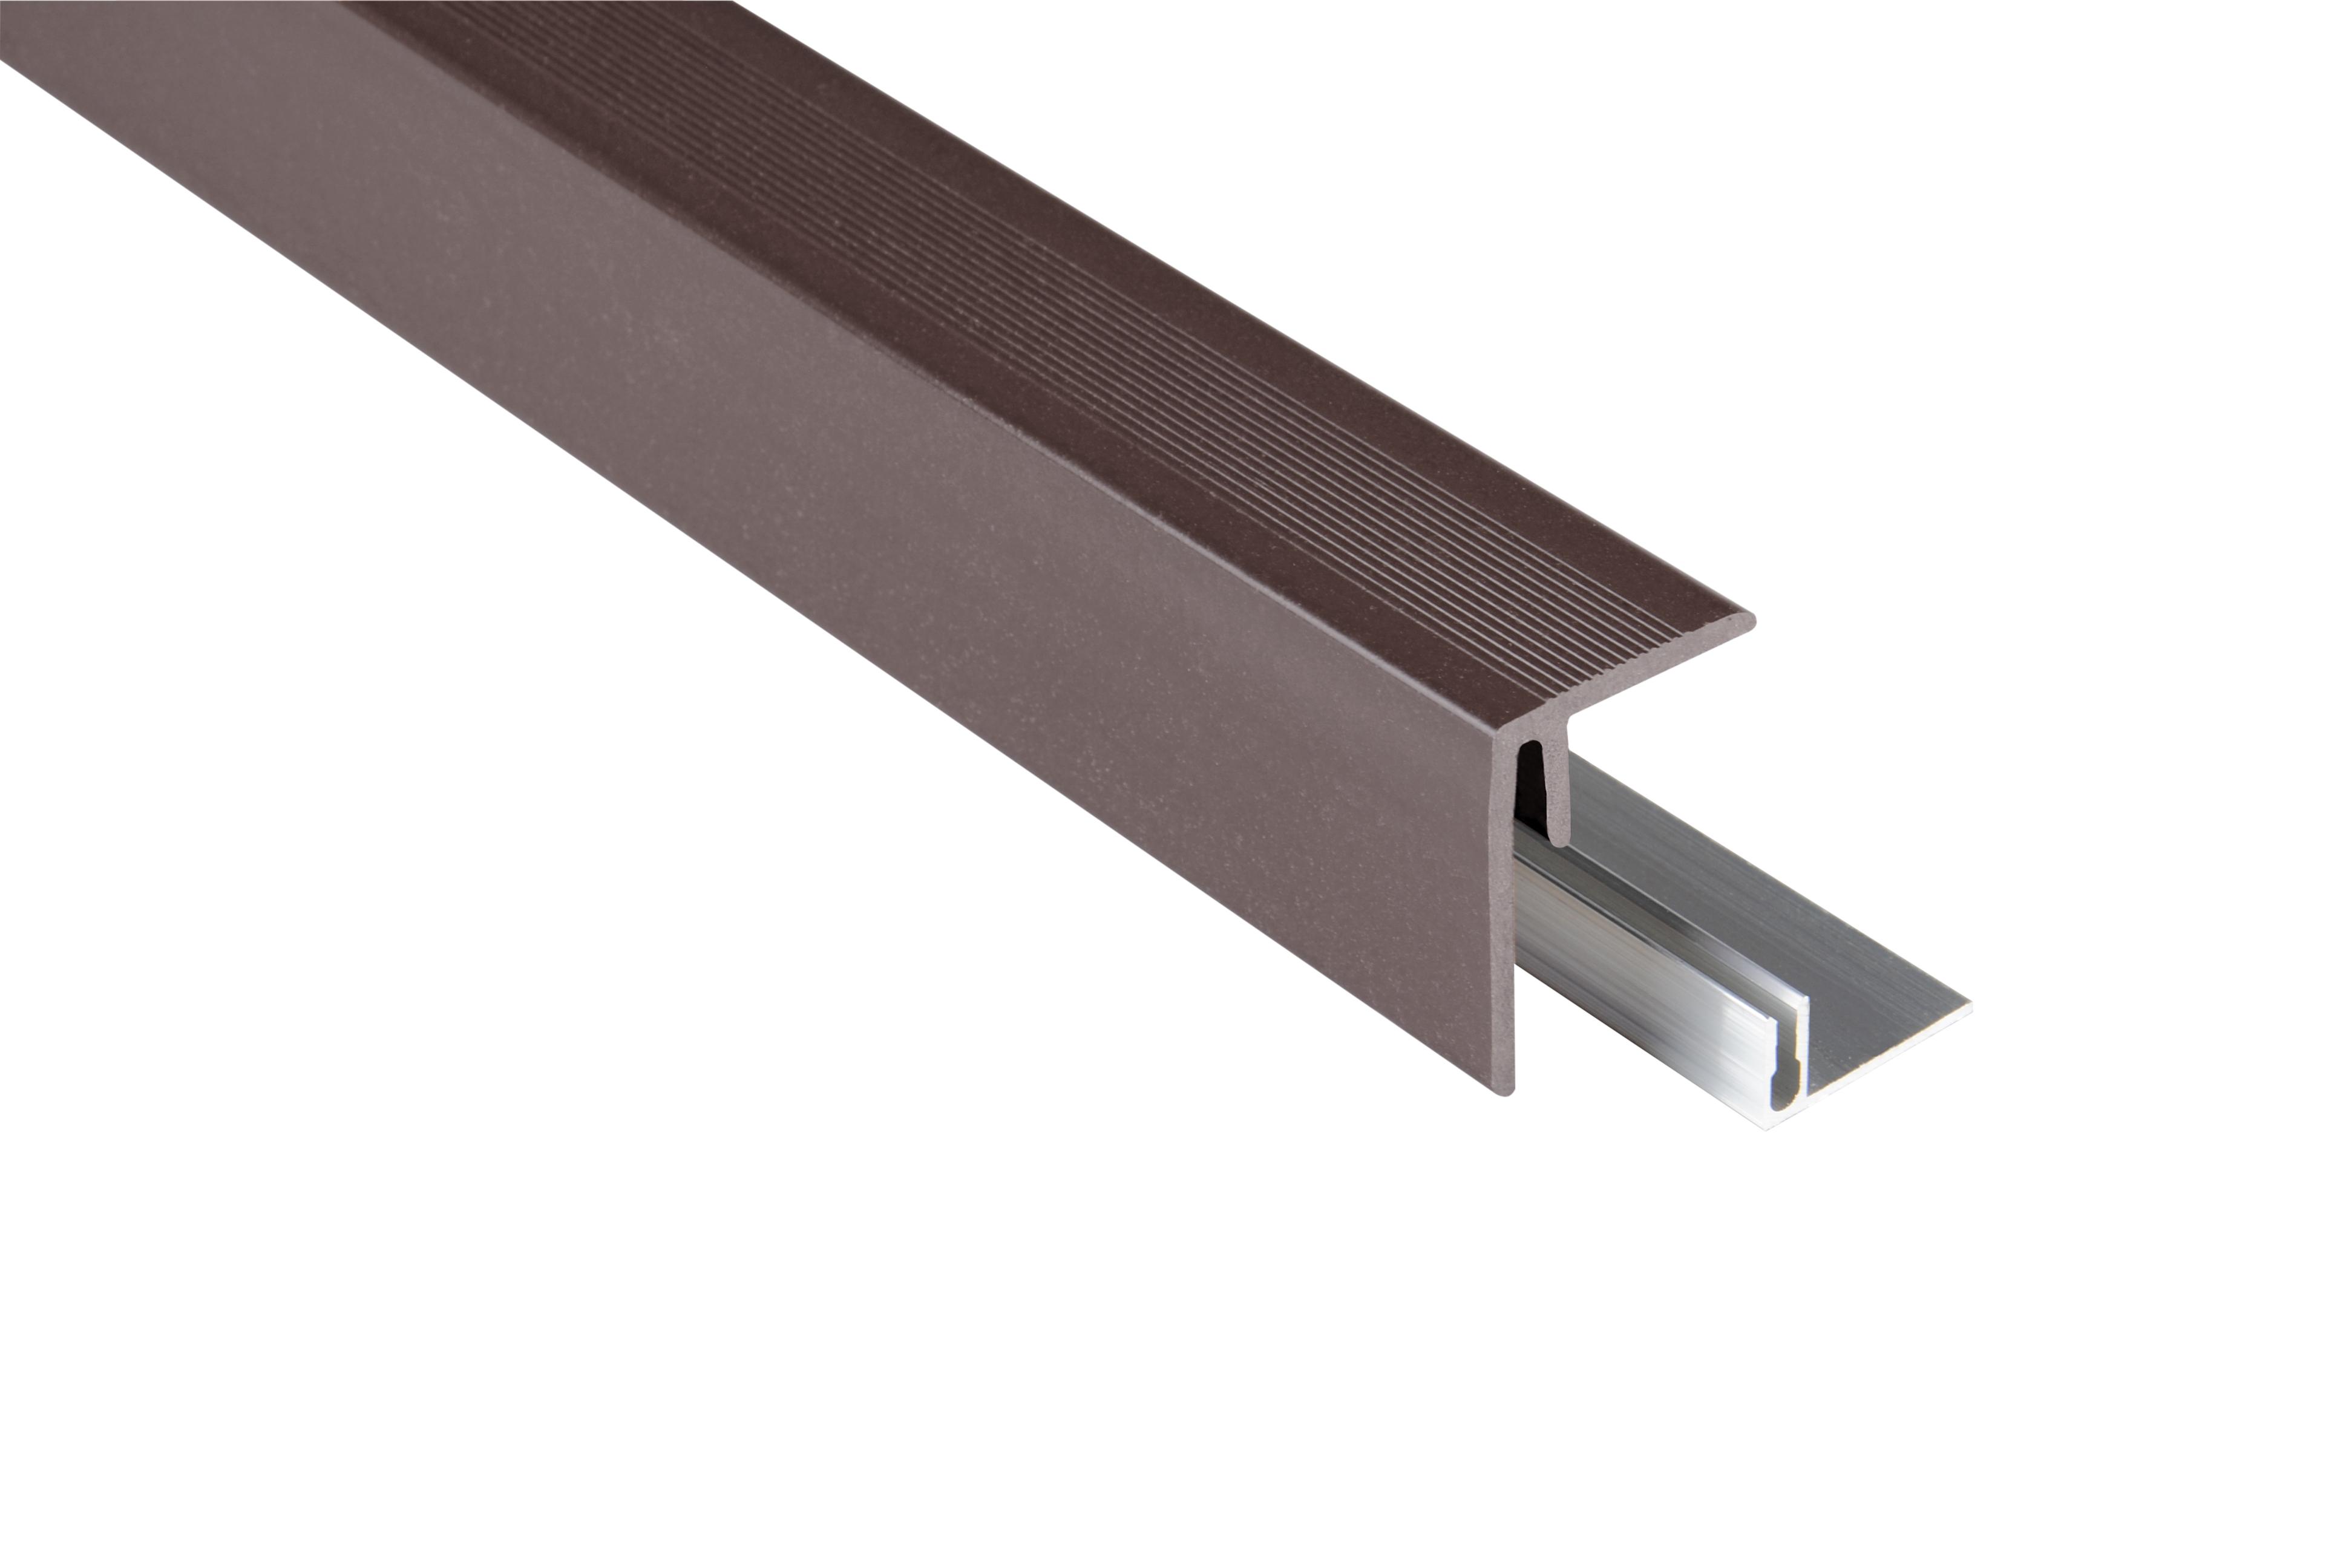 Kovalex WPC Seitenabschluss inkl. Befestigungsprofil - Farbe: Schokobraun unbehandelt - Abmessung: 47x62x2.500 mm - Nur für Terrassendielen mit einer Stärke von 26 mm geeignet